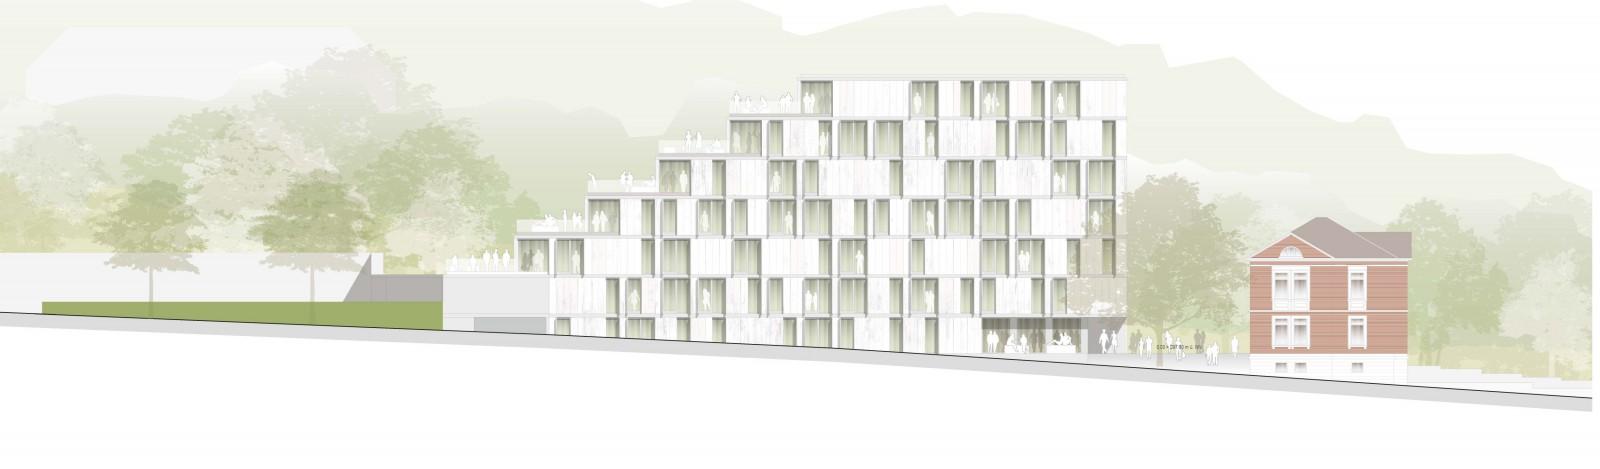 Coburg, Studentenwohnheim Campus Design